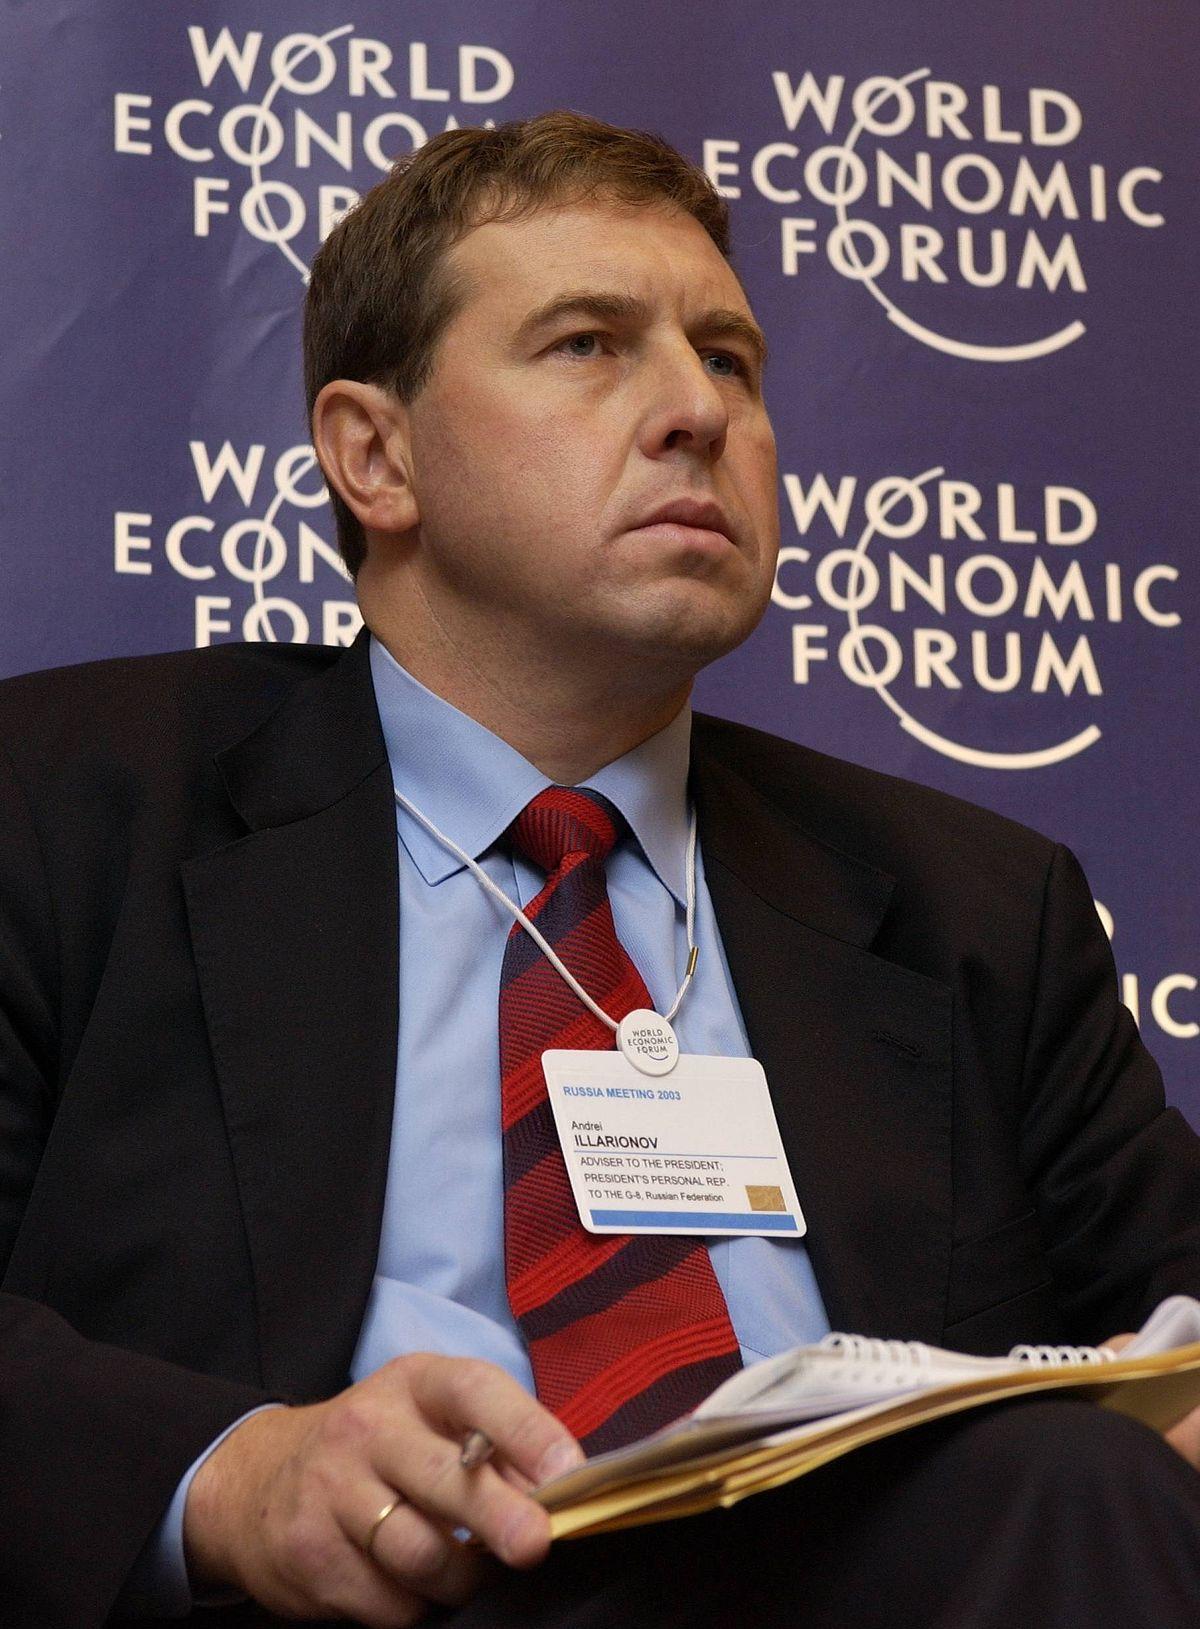 Илларионов, Андрей Николаевич — Википедия